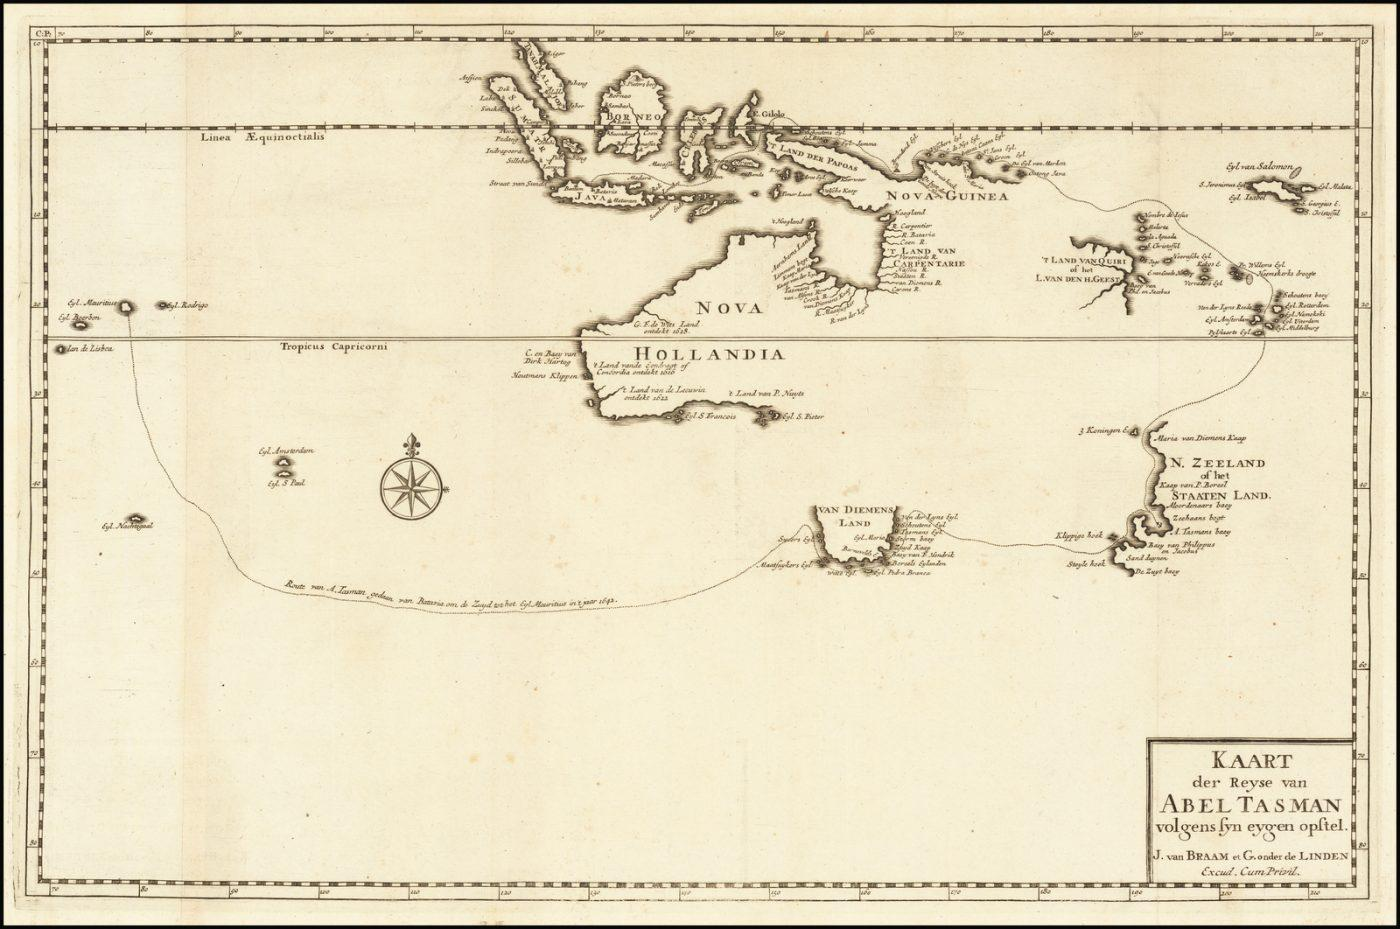 самая ранняя печатная карта Австралии основанная на открытиях Тасмана